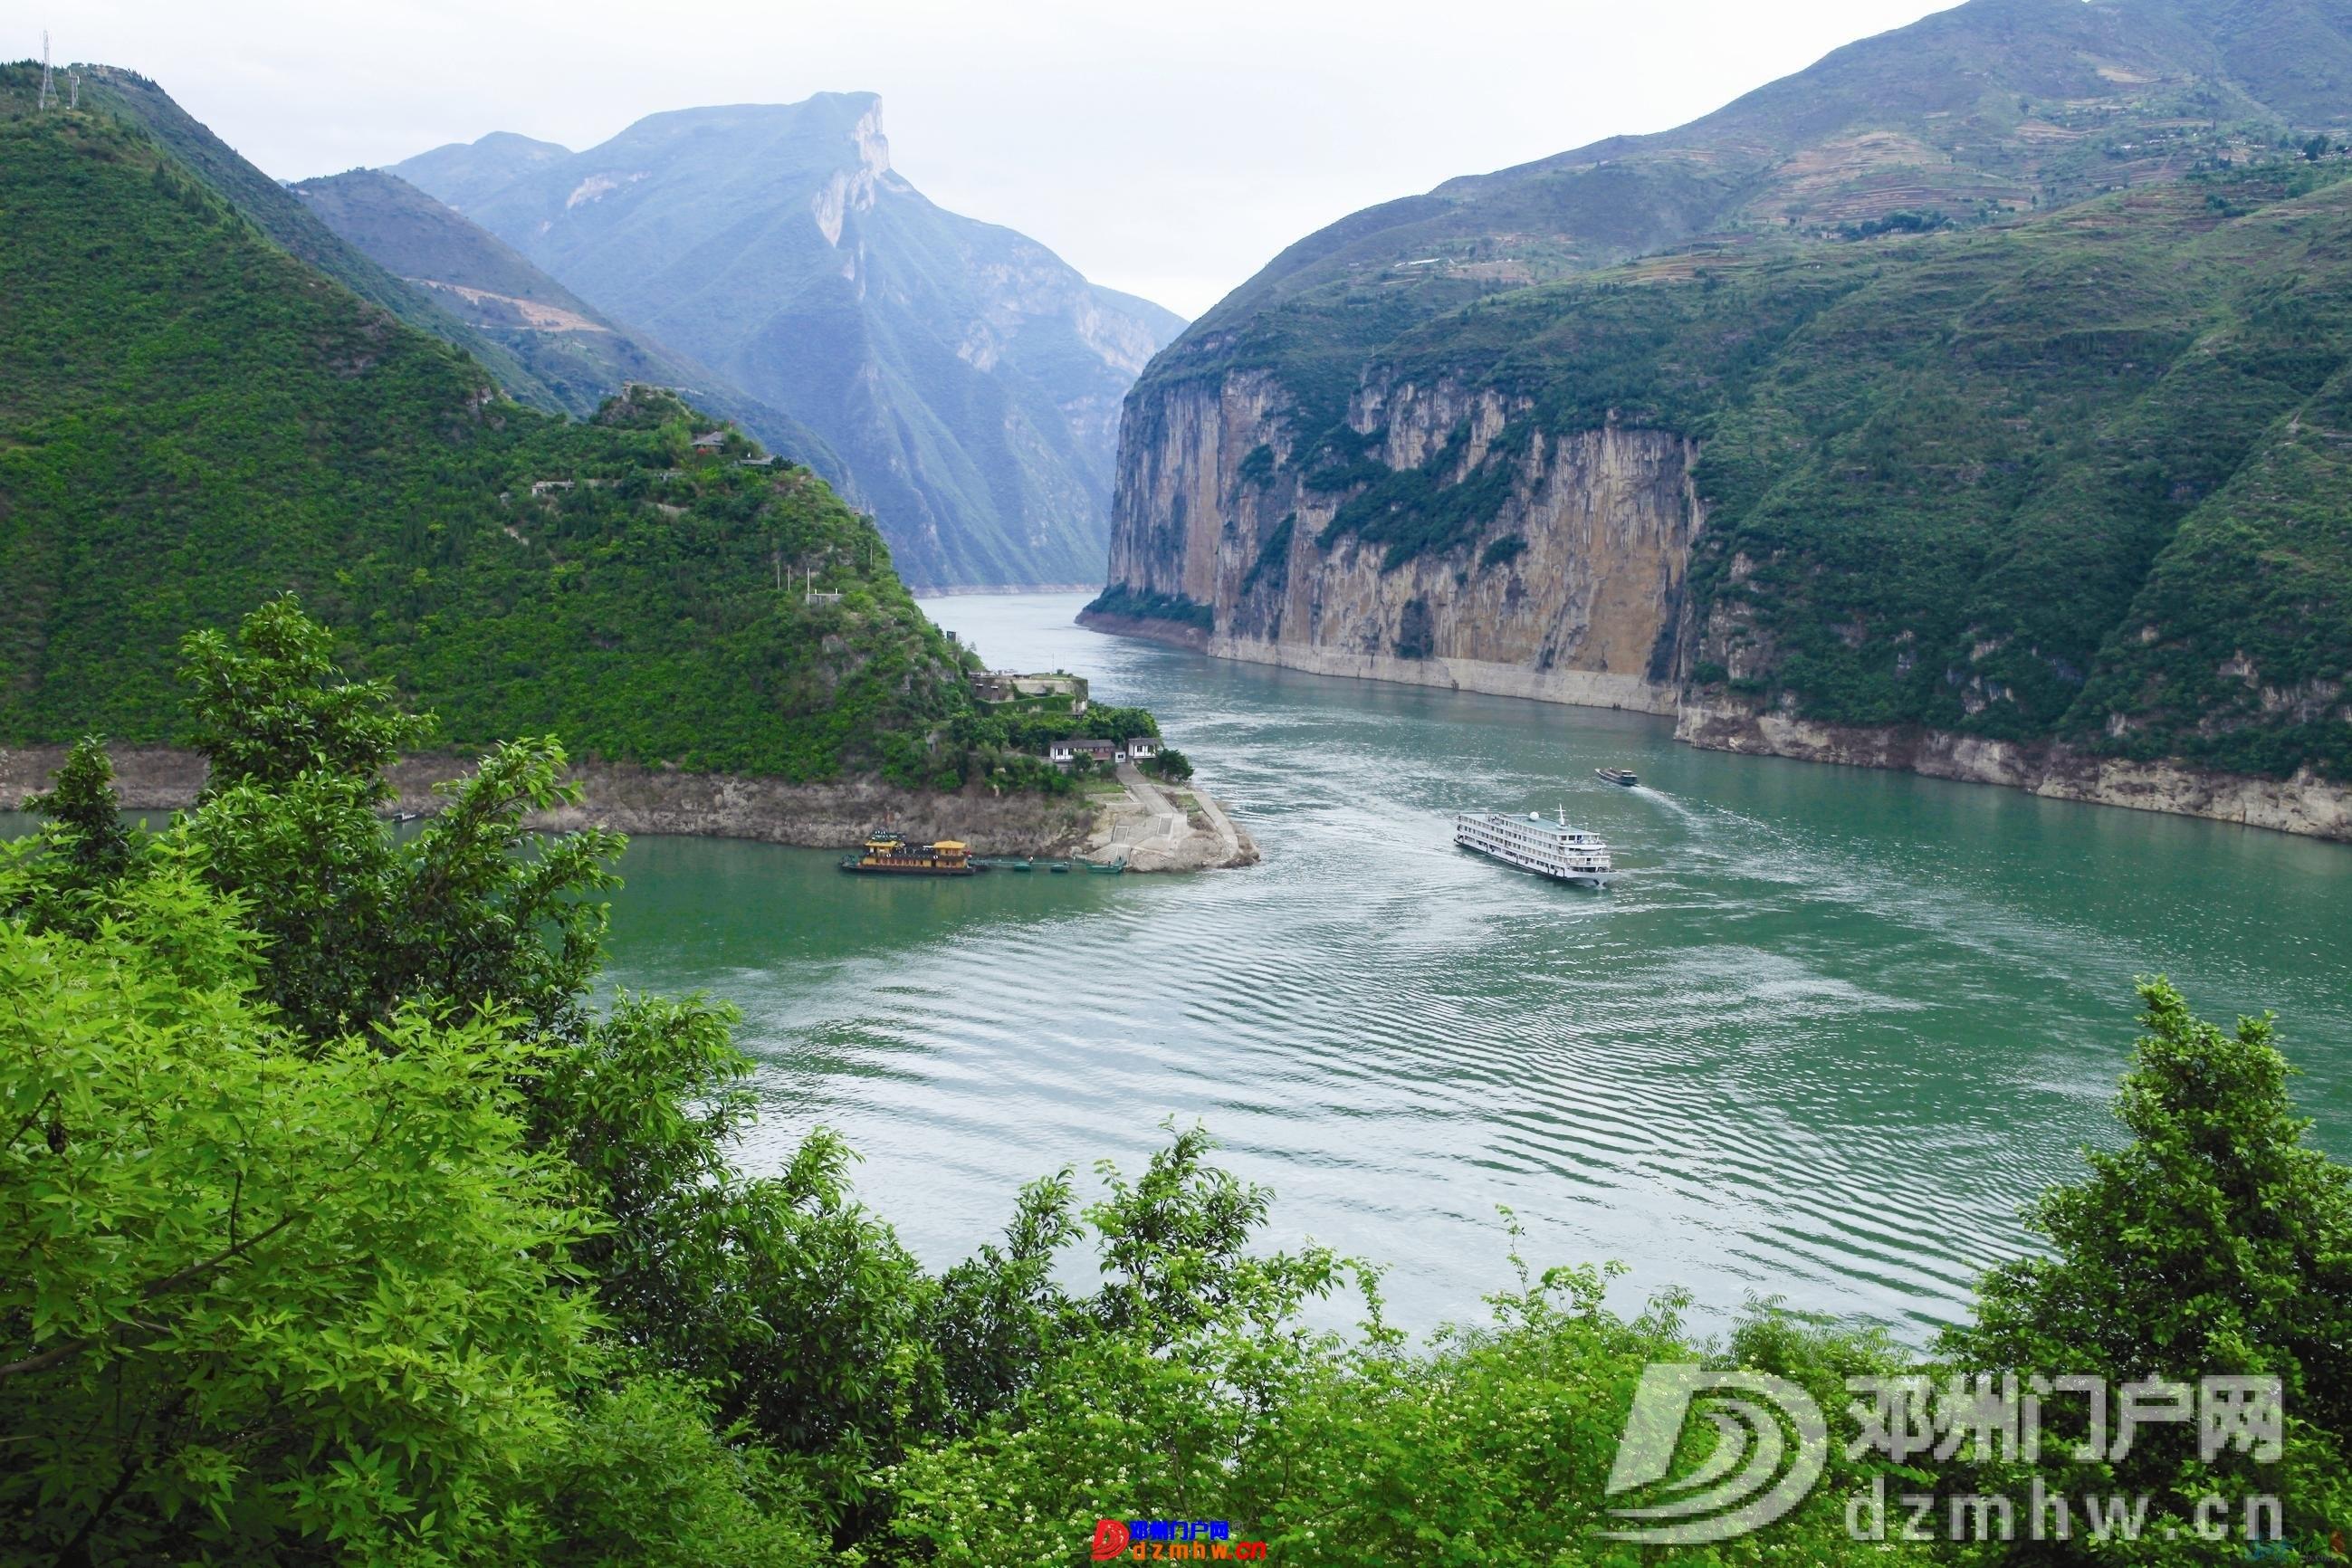 长江三峡全程详细旅游攻略 - 邓州门户网|邓州网 - 23205140N-3.jpg